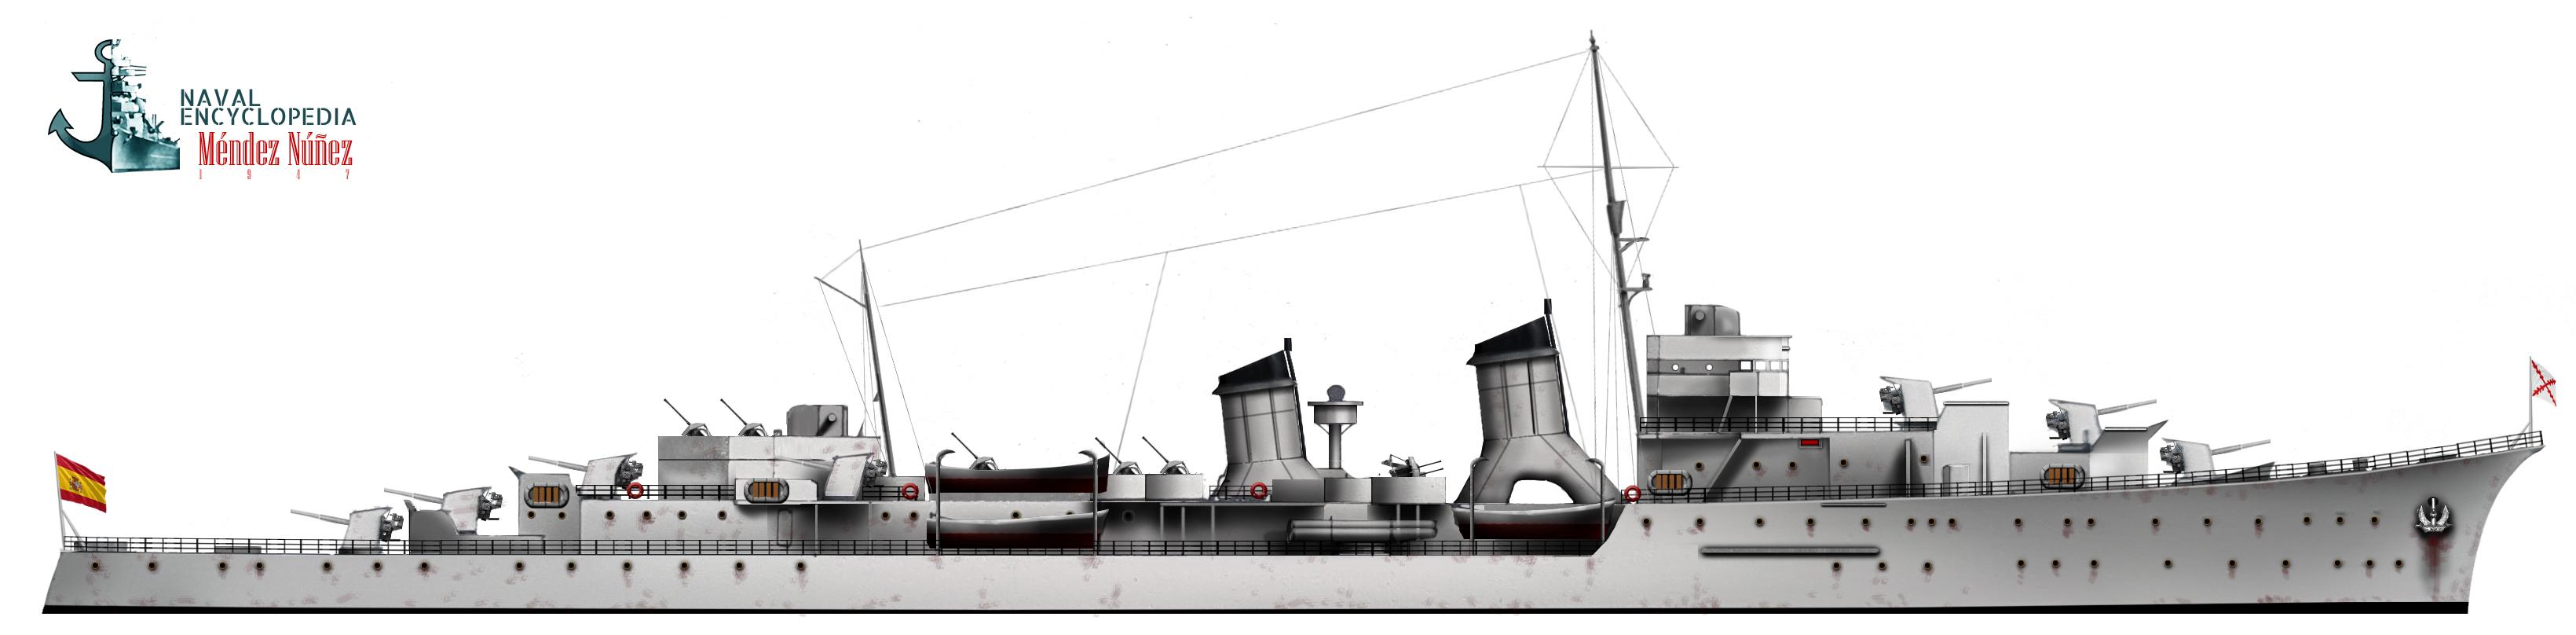 Blas de Lezo class cruisers (1922)